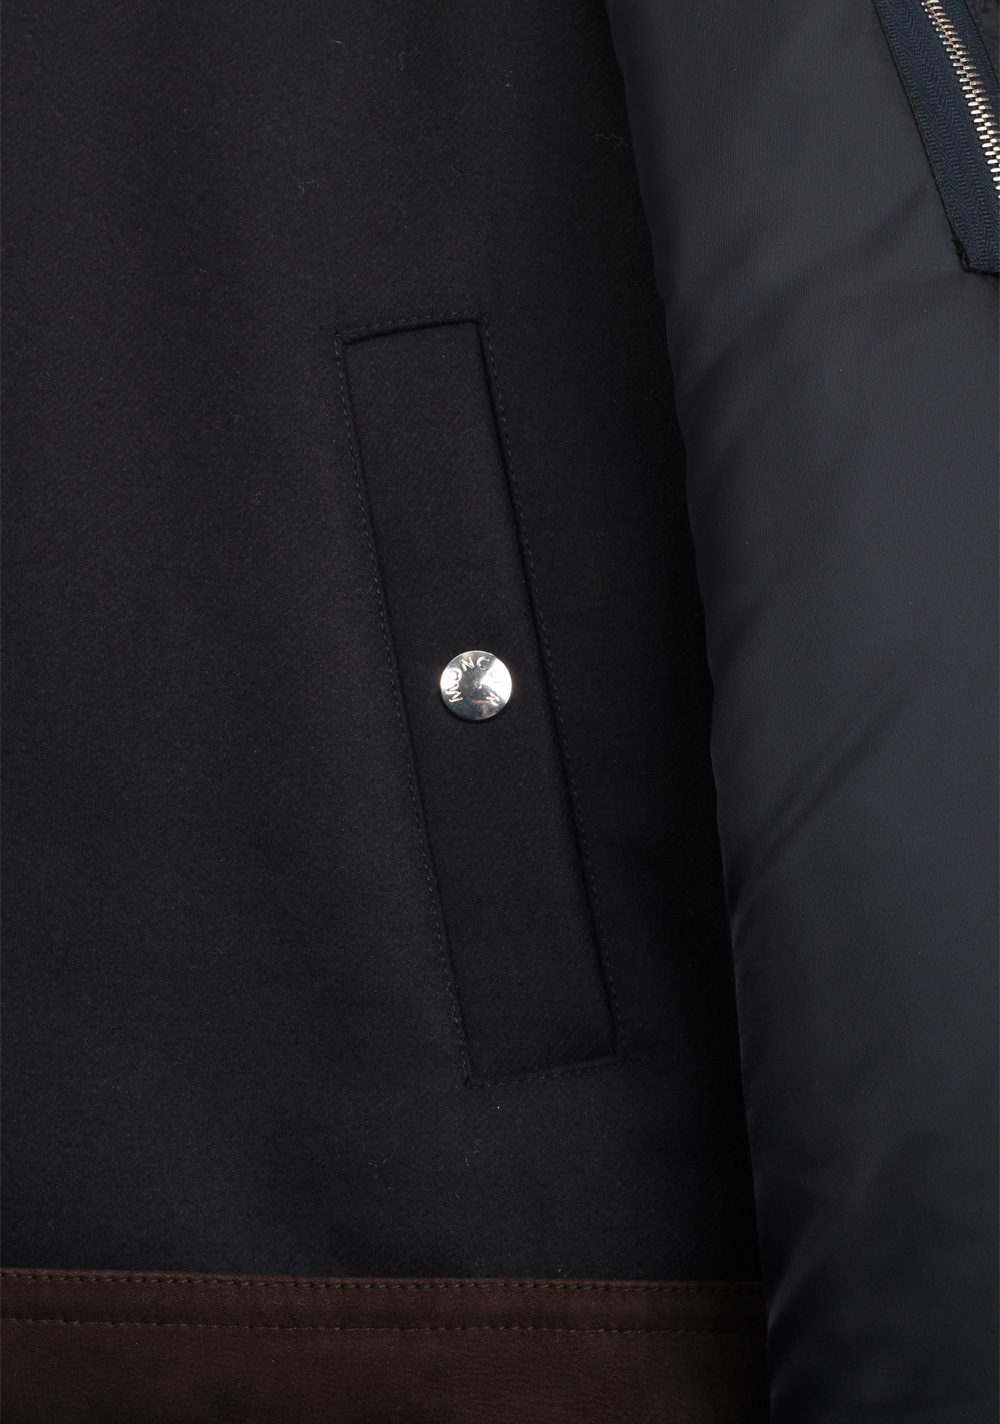 Moncler Blue Plovan Wool Cashmere Blend Jacket Coat Size 2 / M / 48 / 38 U.S. | Costume Limité